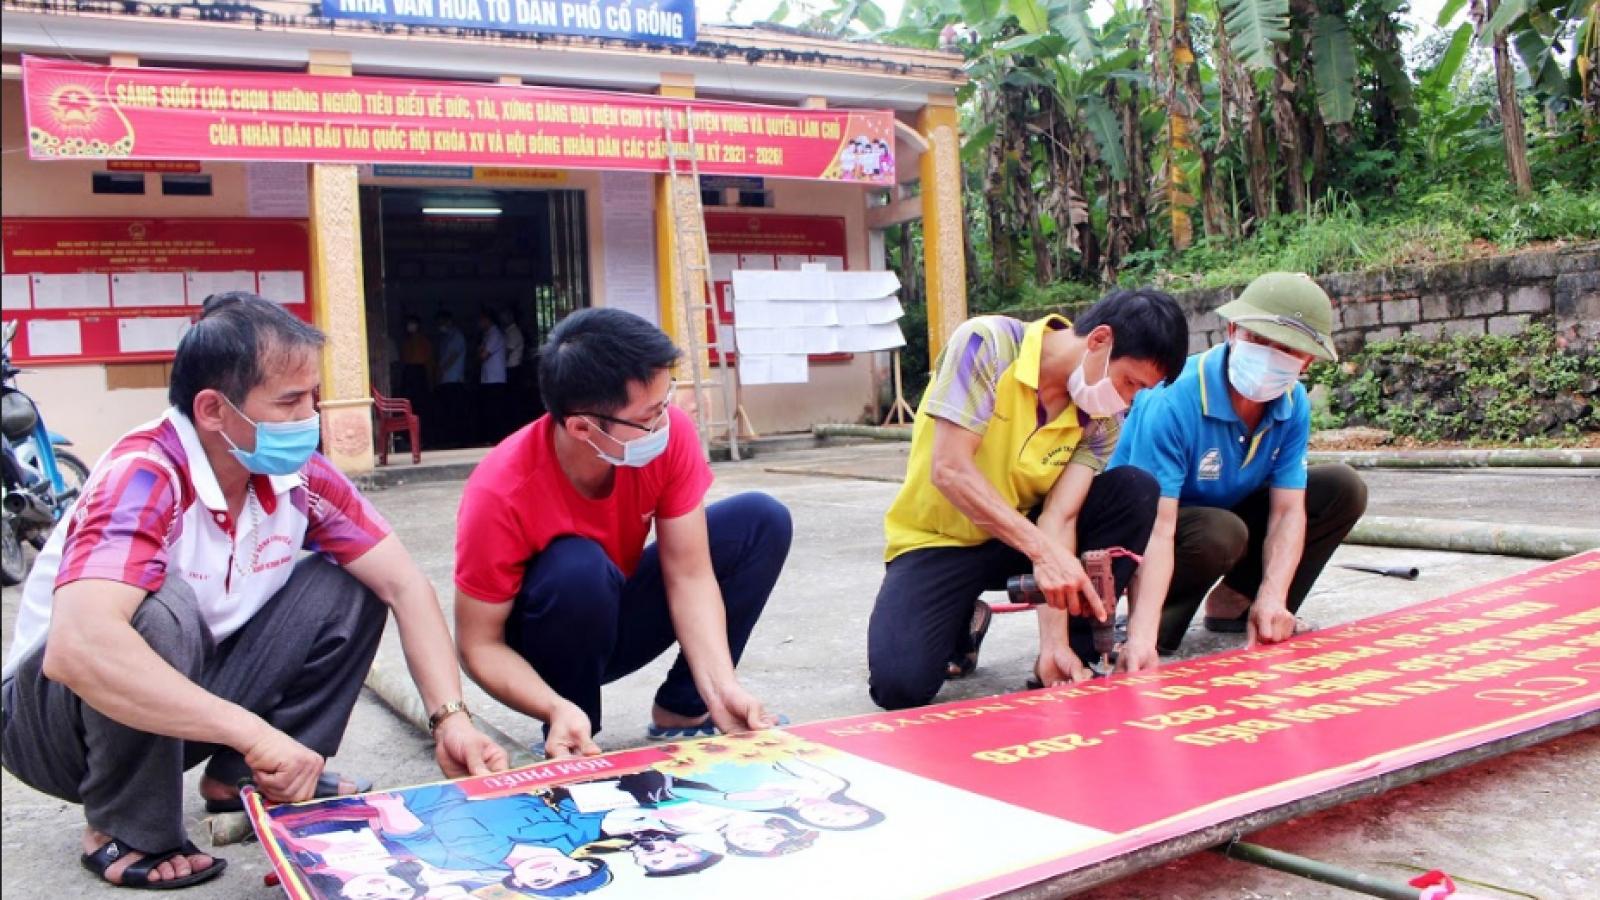 Thái Nguyên đã sẵn sàng cho cuộc bầu cử an toàn, đạt kết quả cao nhất